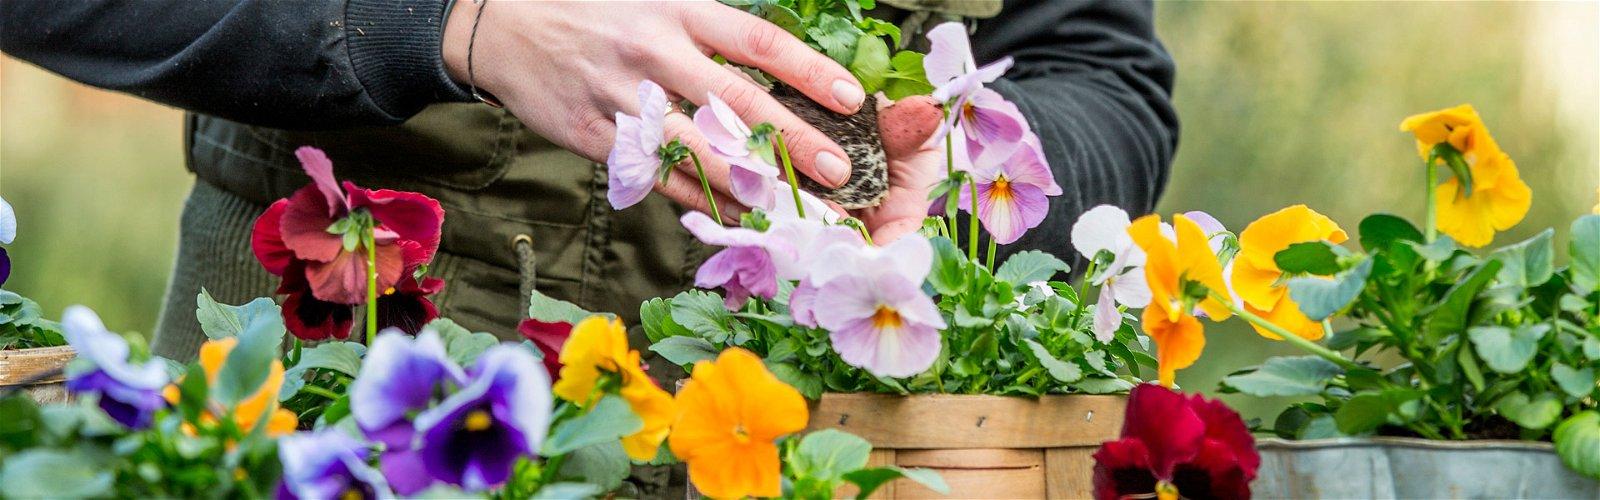 Plantning af stedmoderblomster